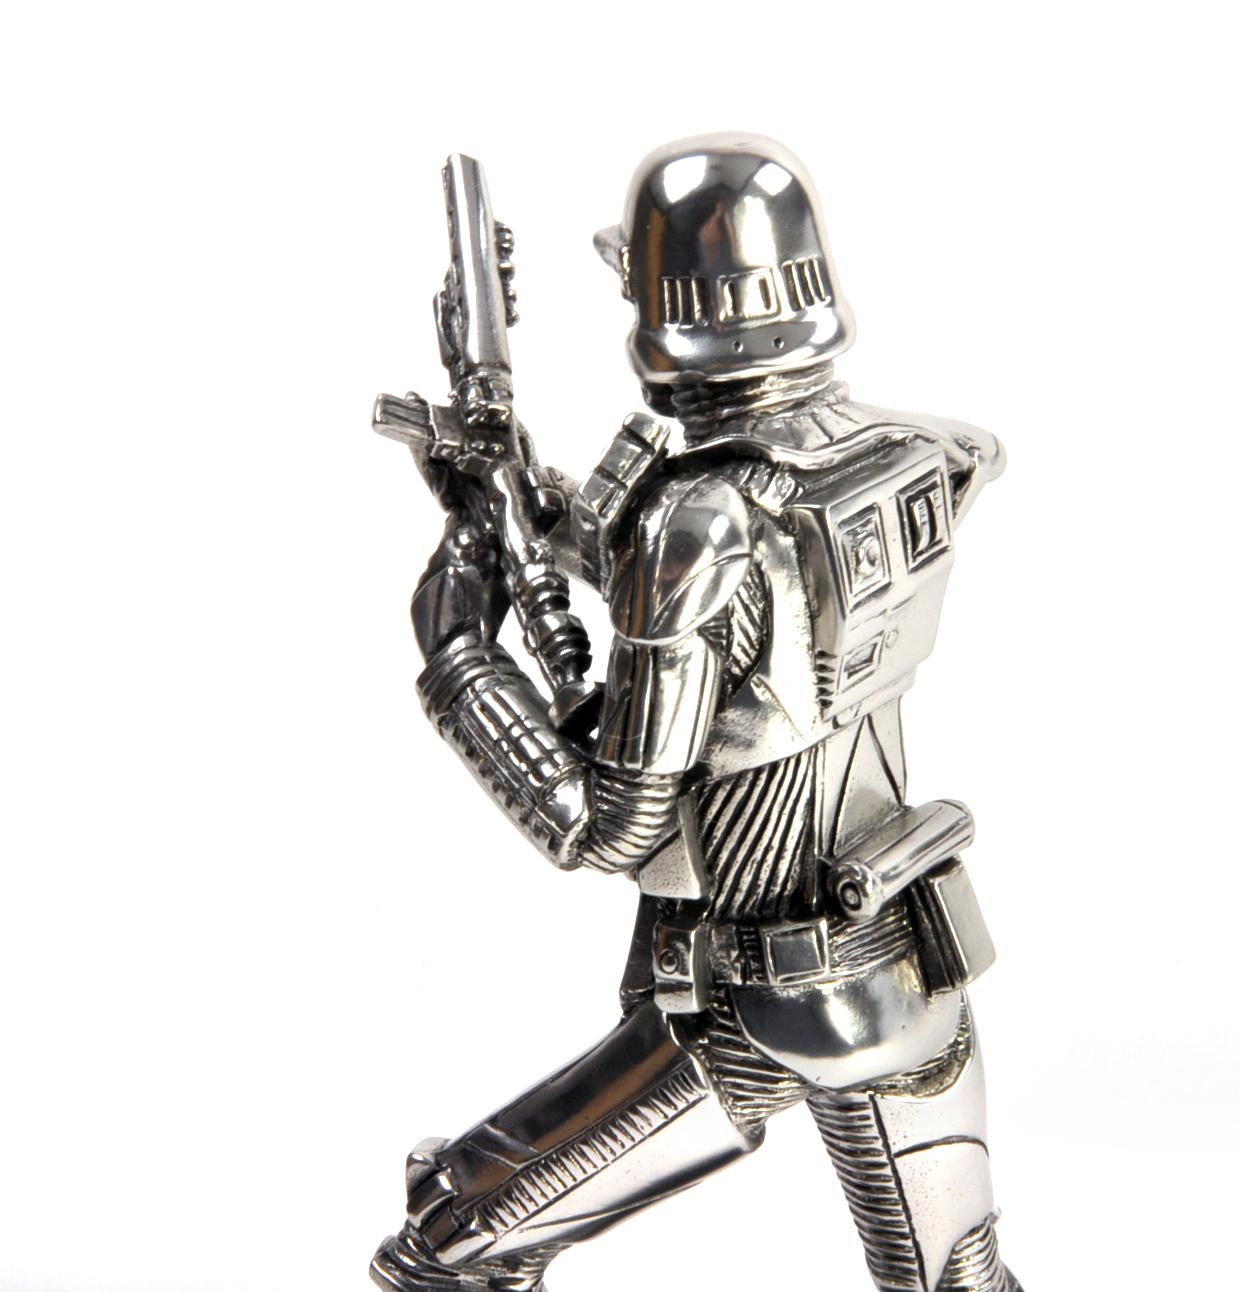 NEW Royal Selangor Star Wars Death Trooper Figurine